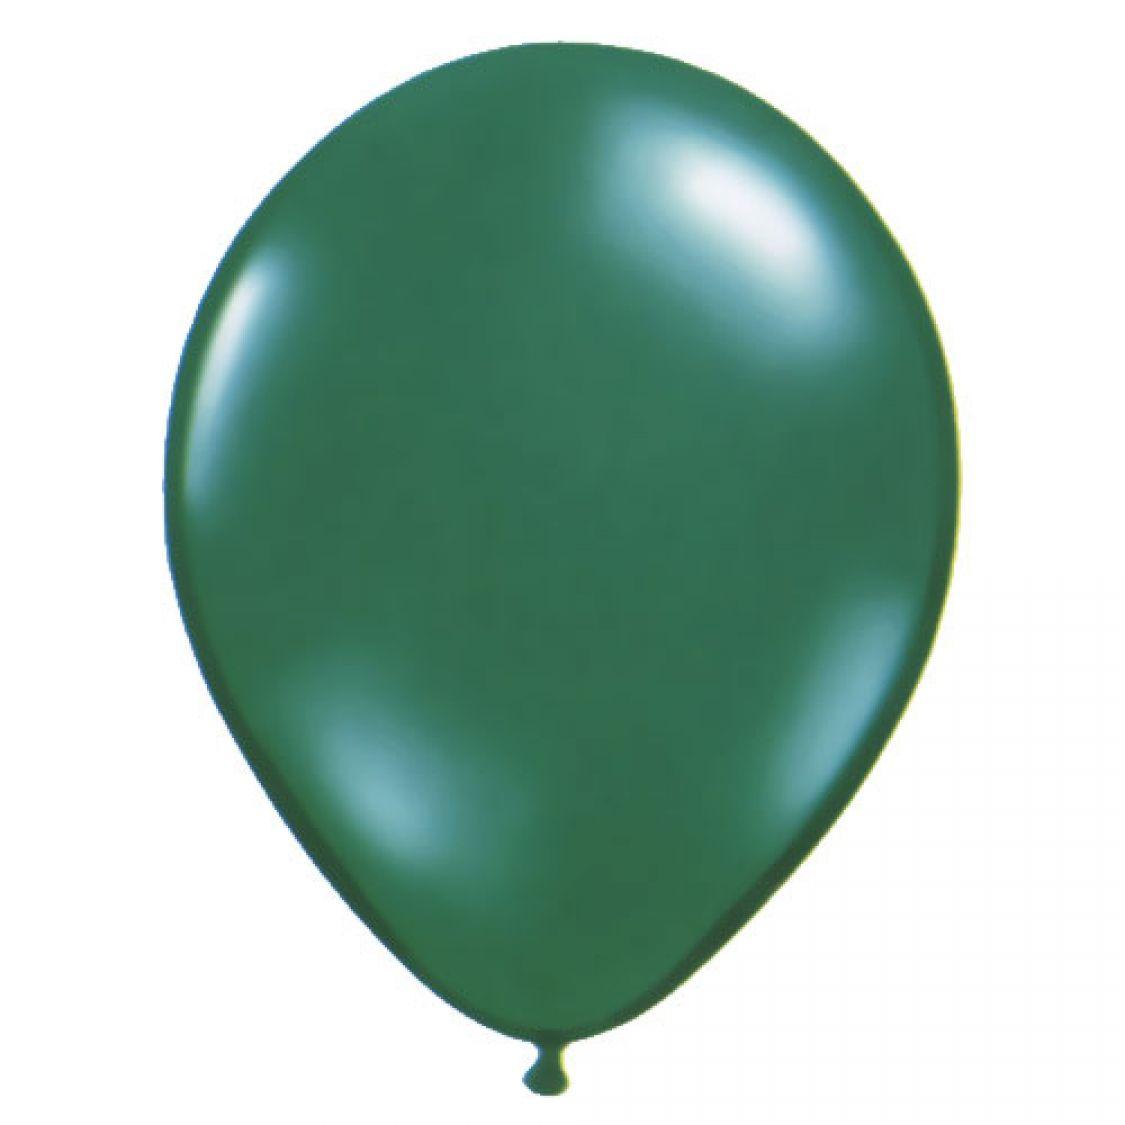 Ballon vert emeraude cristal emerald green - Vert emeraude couleur ...